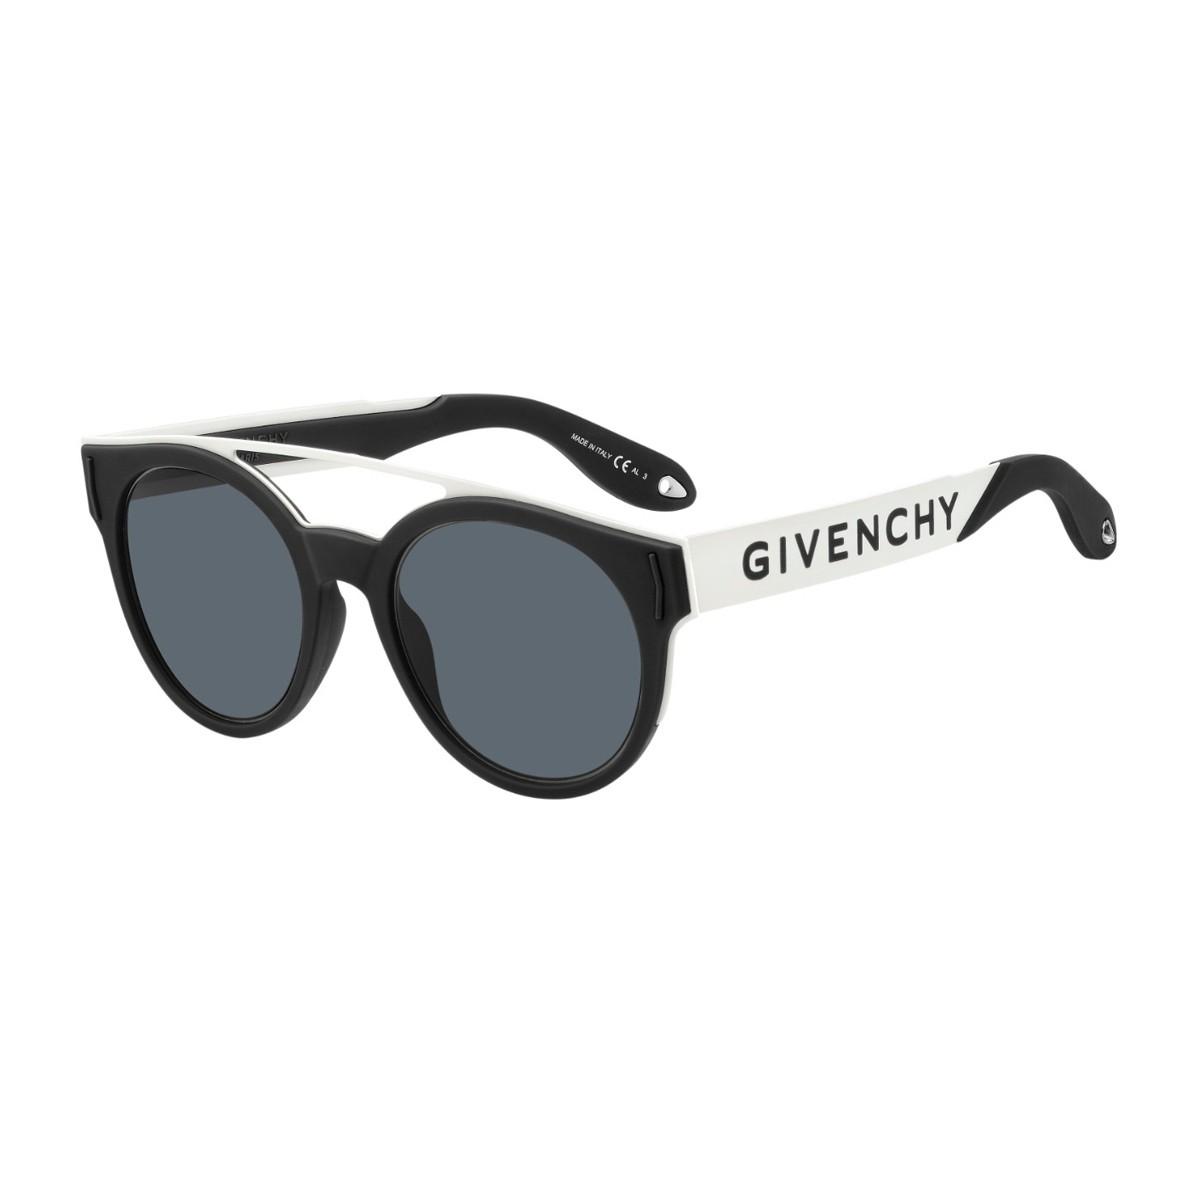 Givenchy GV7017/n/s | Occhiali da sole Unisex